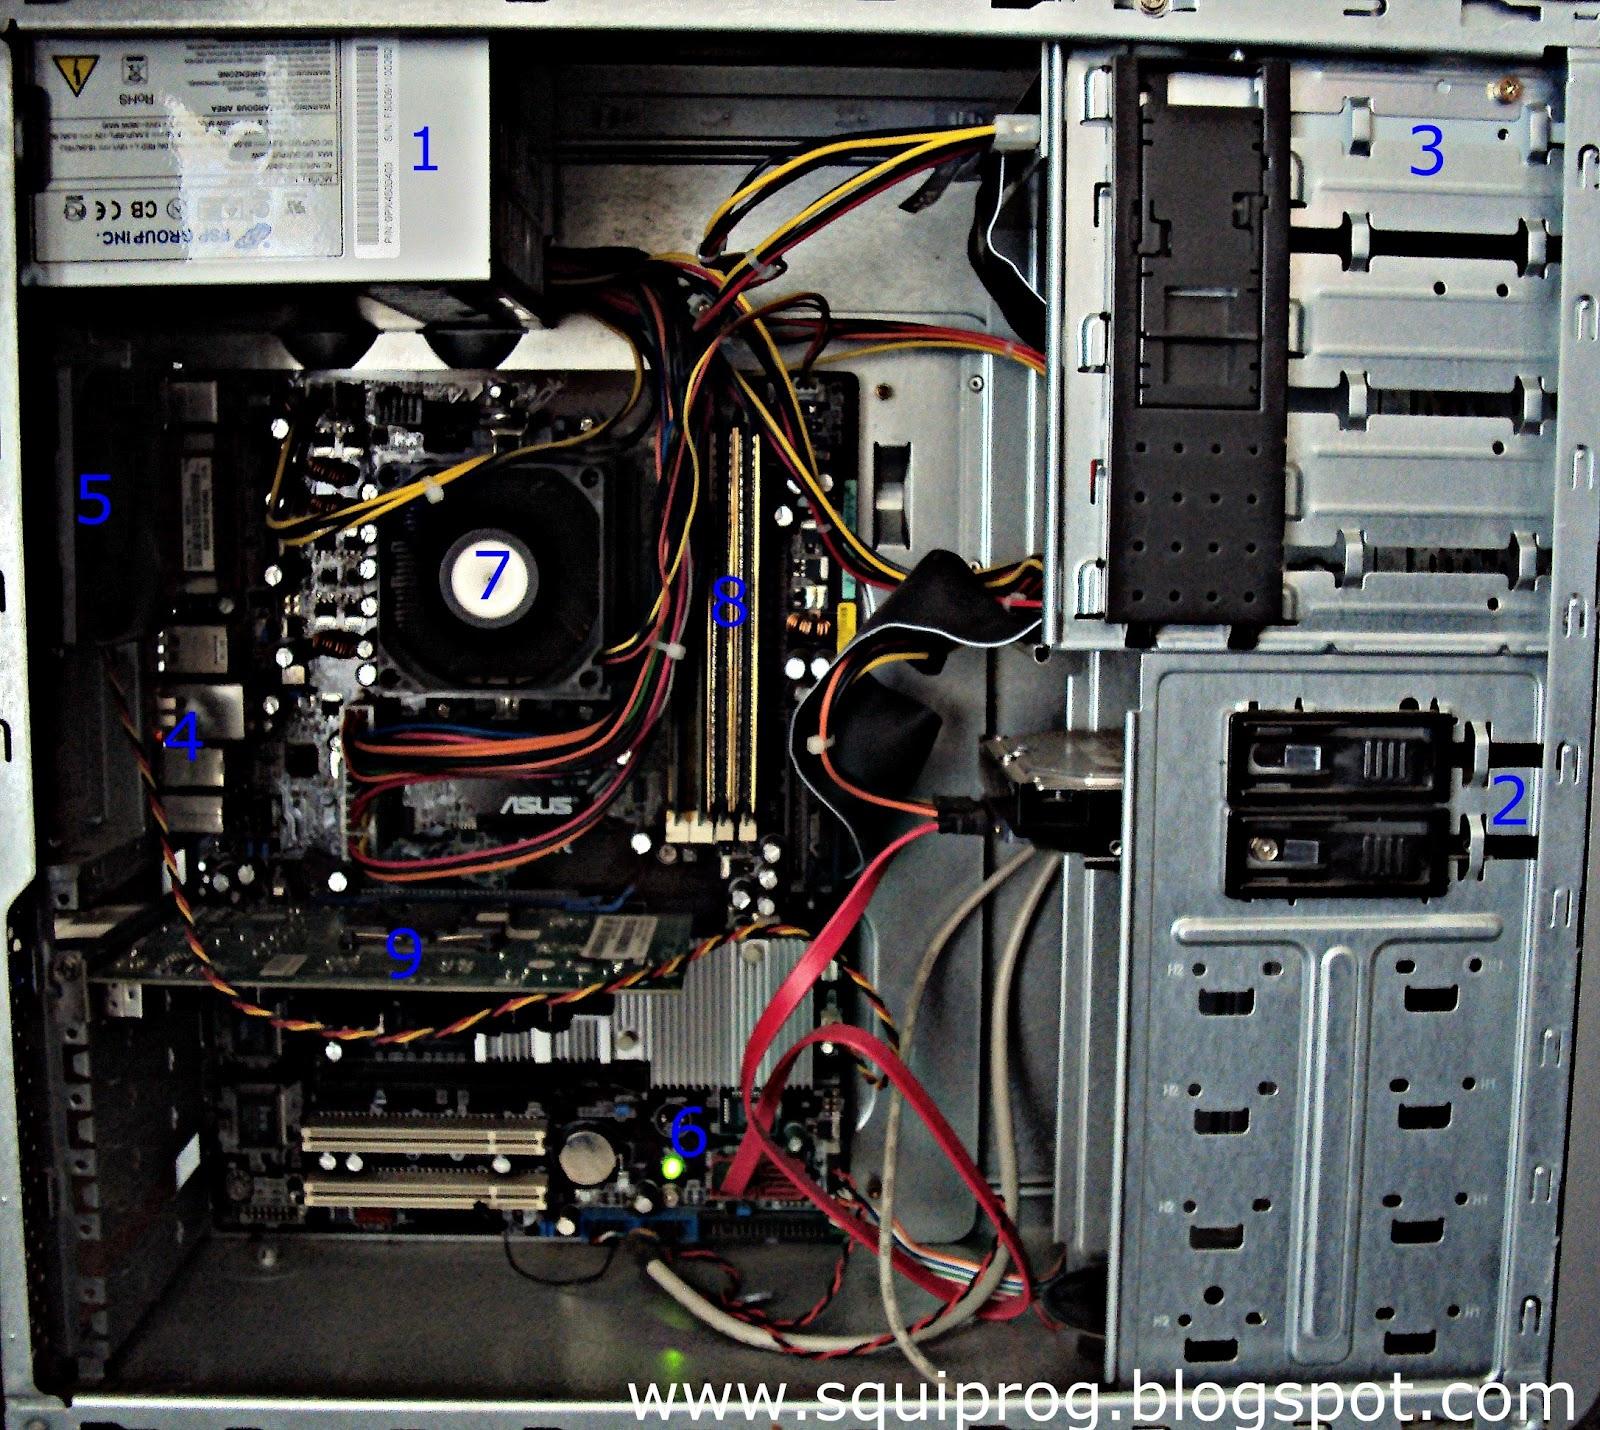 Системный блок компьютера. Описание и стоимость 50